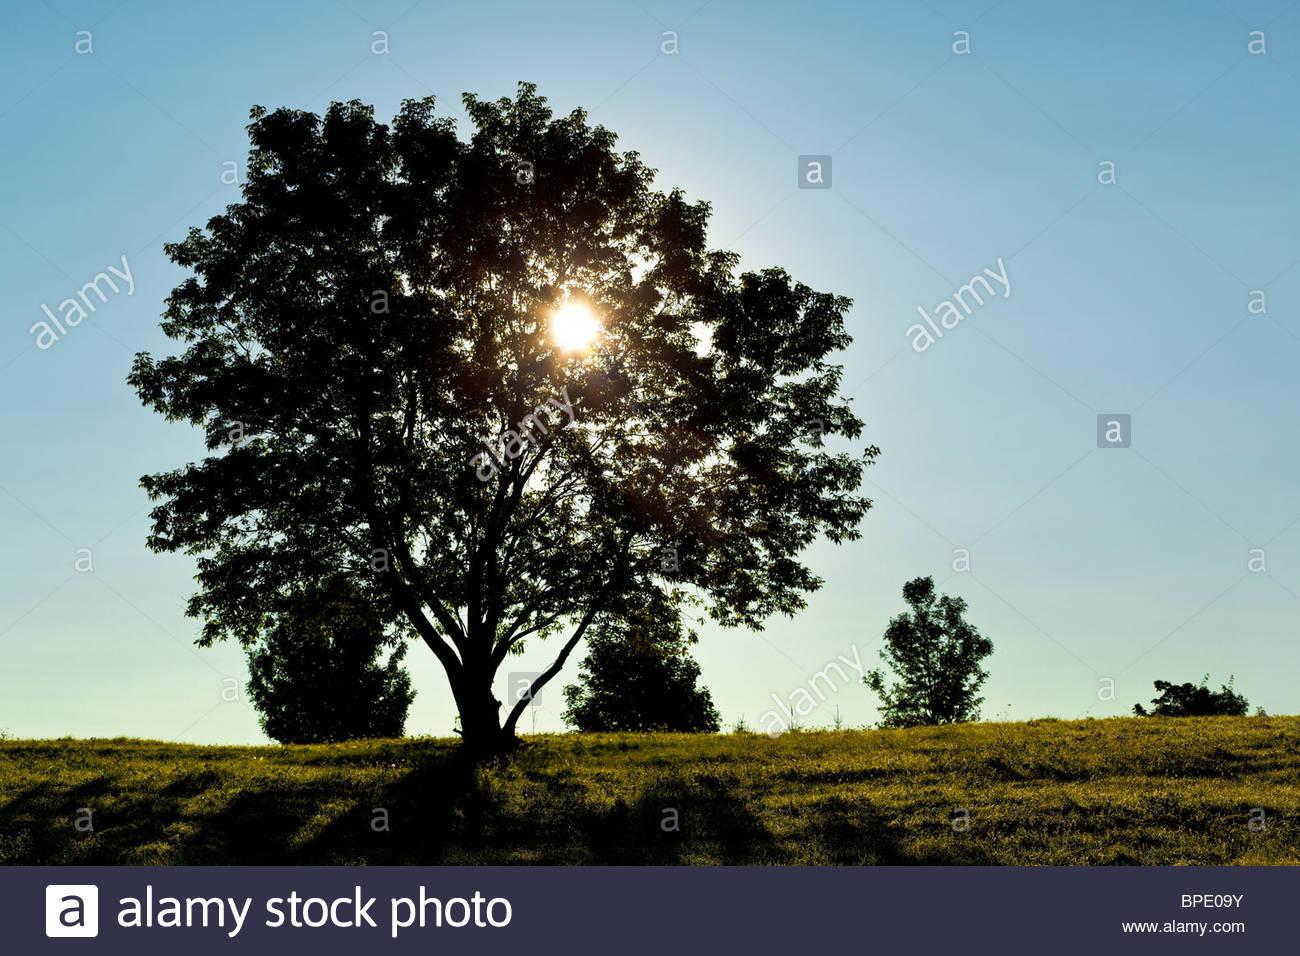 Árbol caducifolio solitaria en las primeras horas de la mañana la fotosíntesis carbon Imagen De Stock